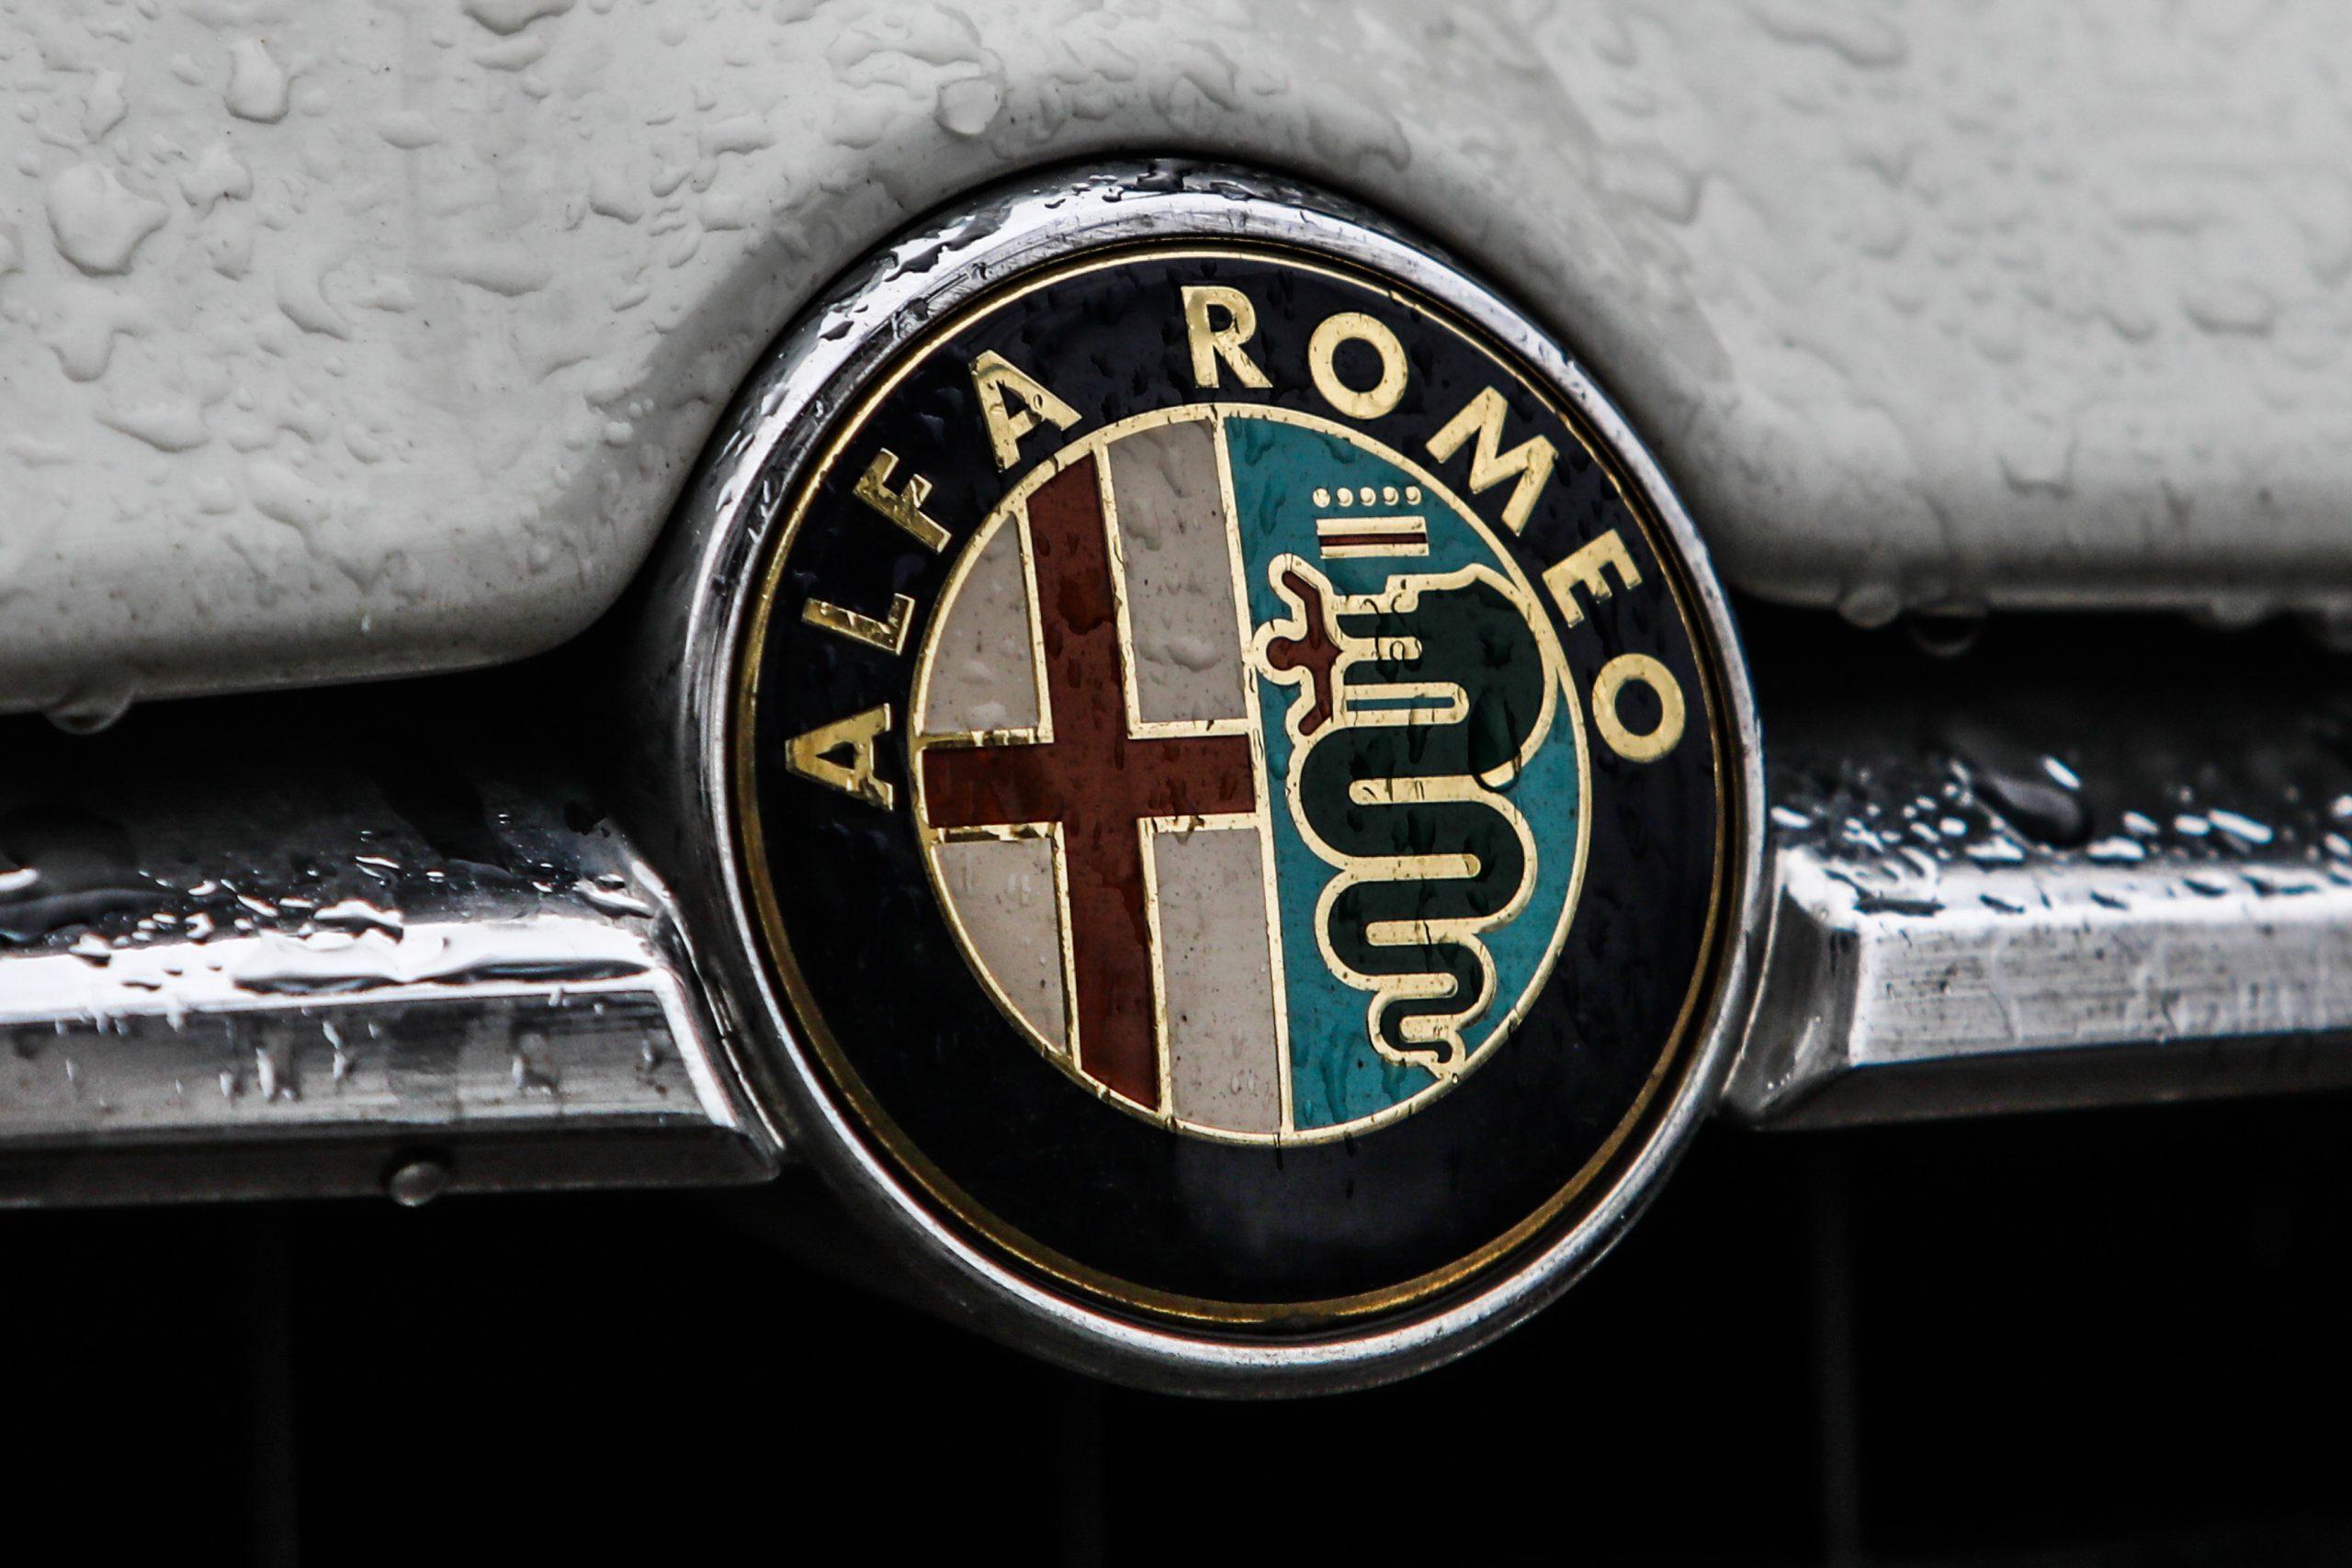 www.motorbiscuit.com